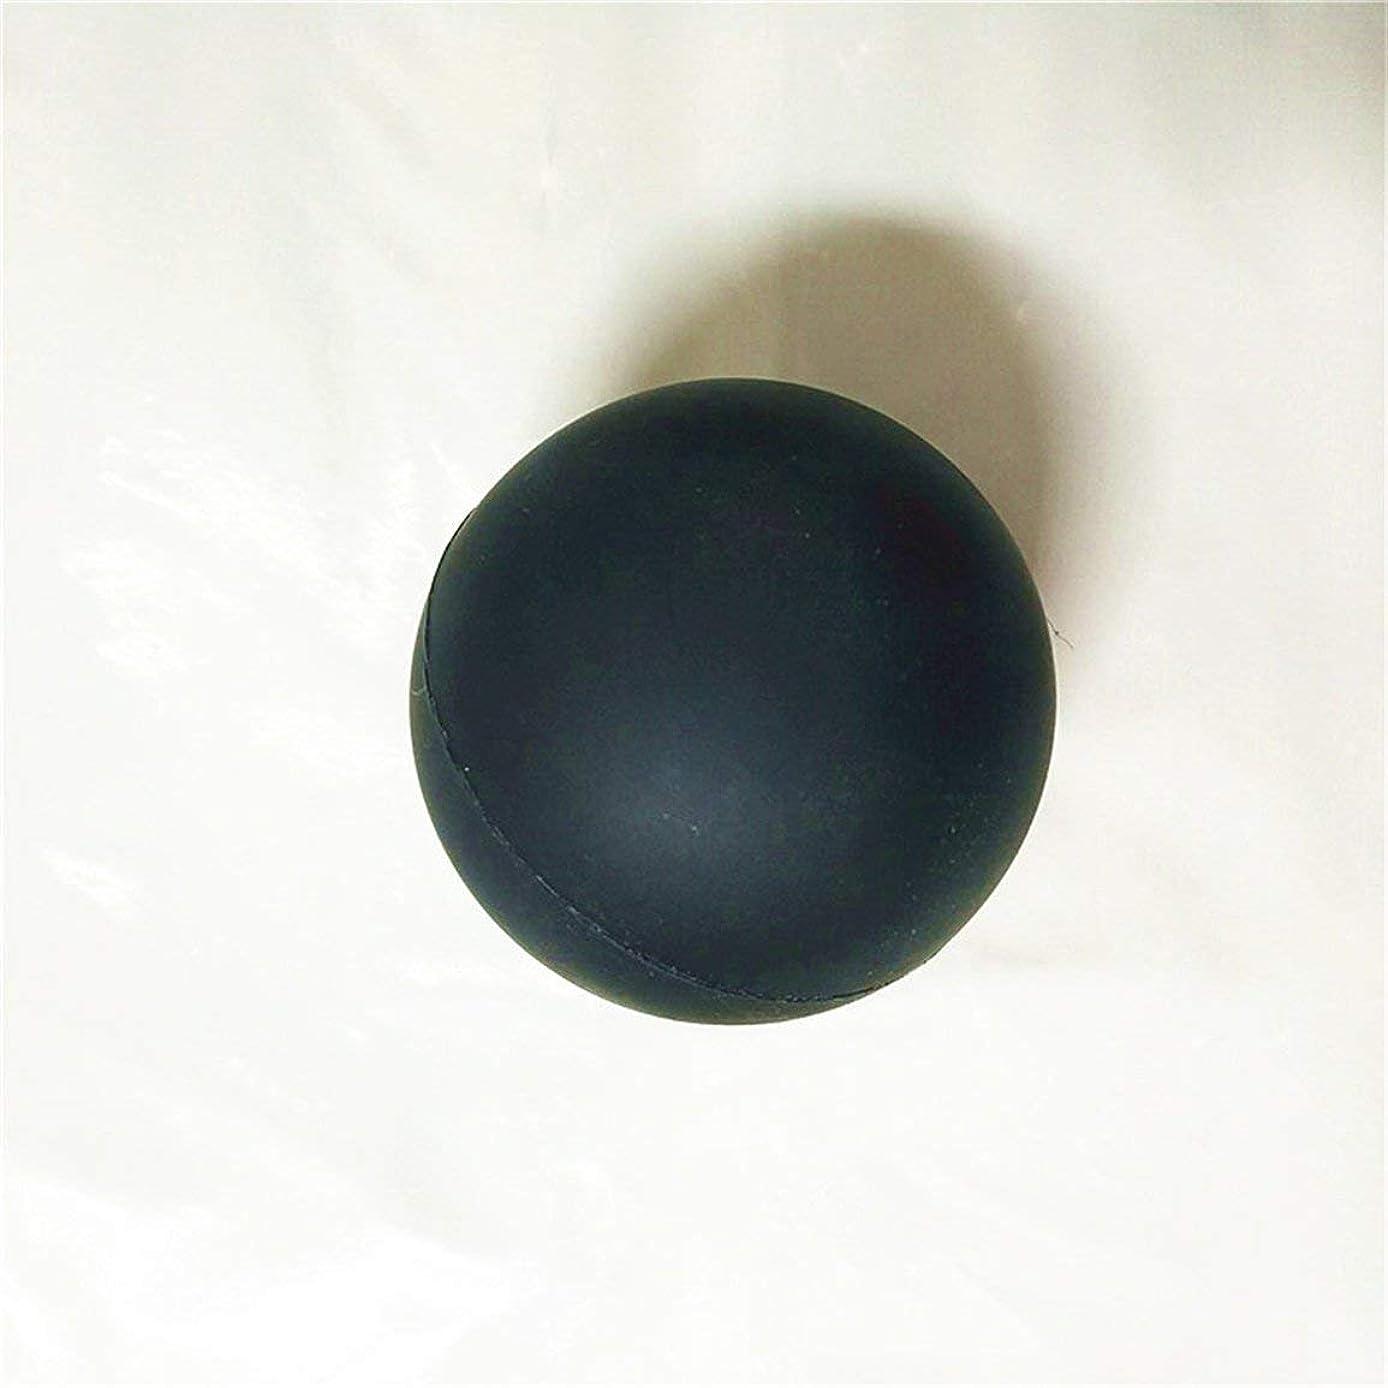 スティーブンソン渇き強化シリコンフェイシアソリッドマッサージボール - ブラック